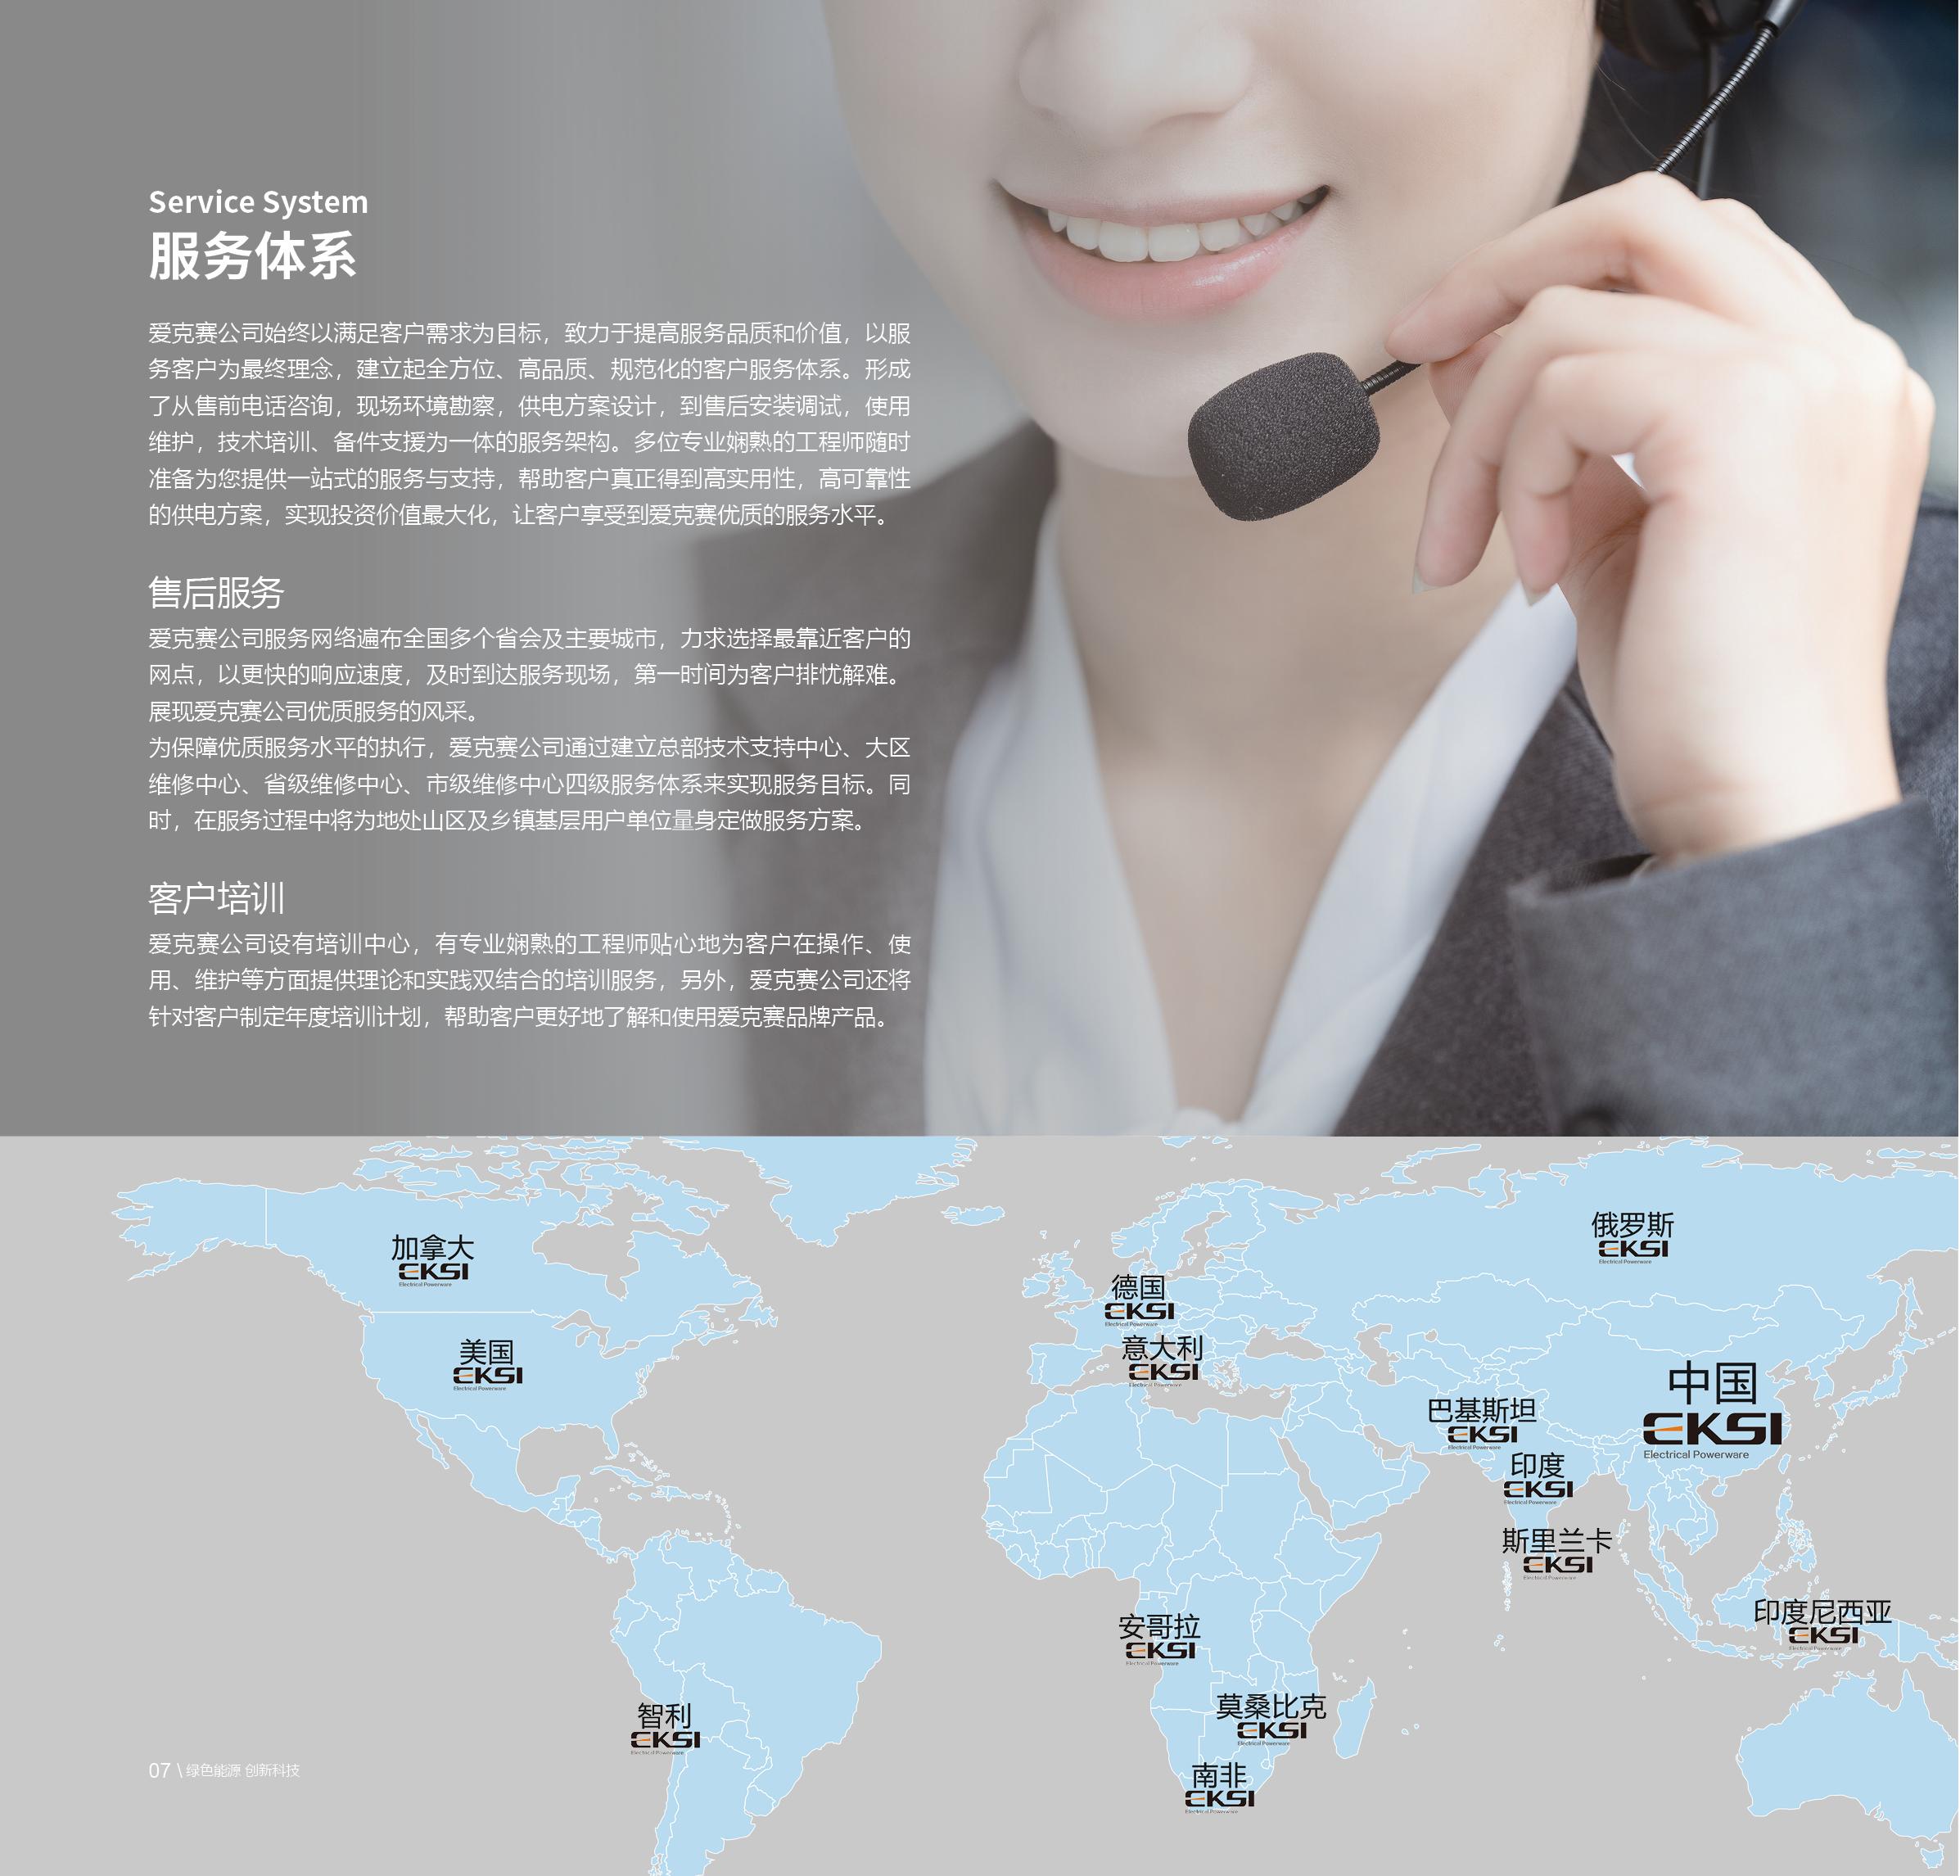 愛克賽-UPS畫冊(2019-12-06)4.jpg